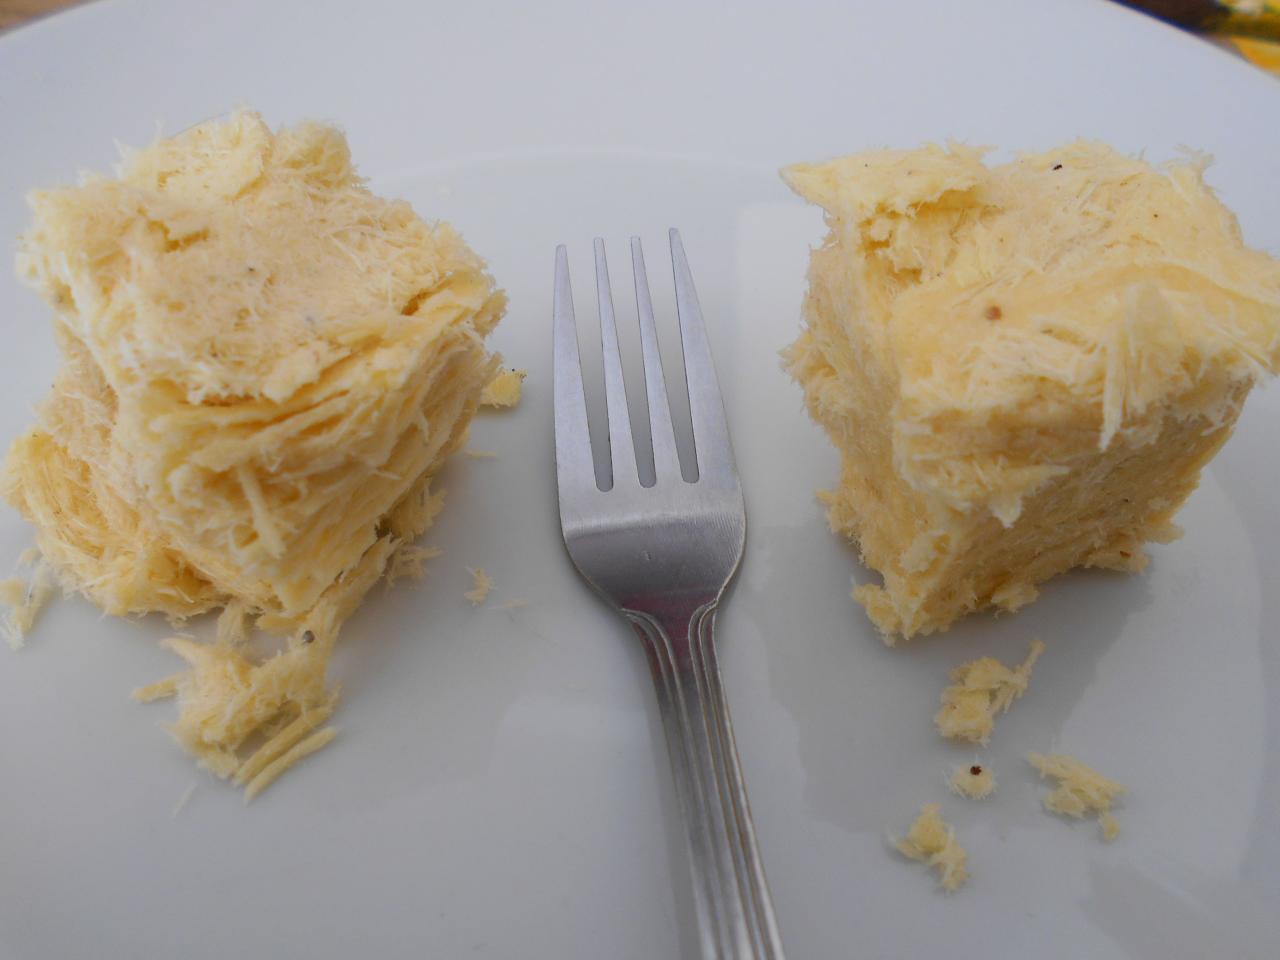 The soan papri flaky pastry